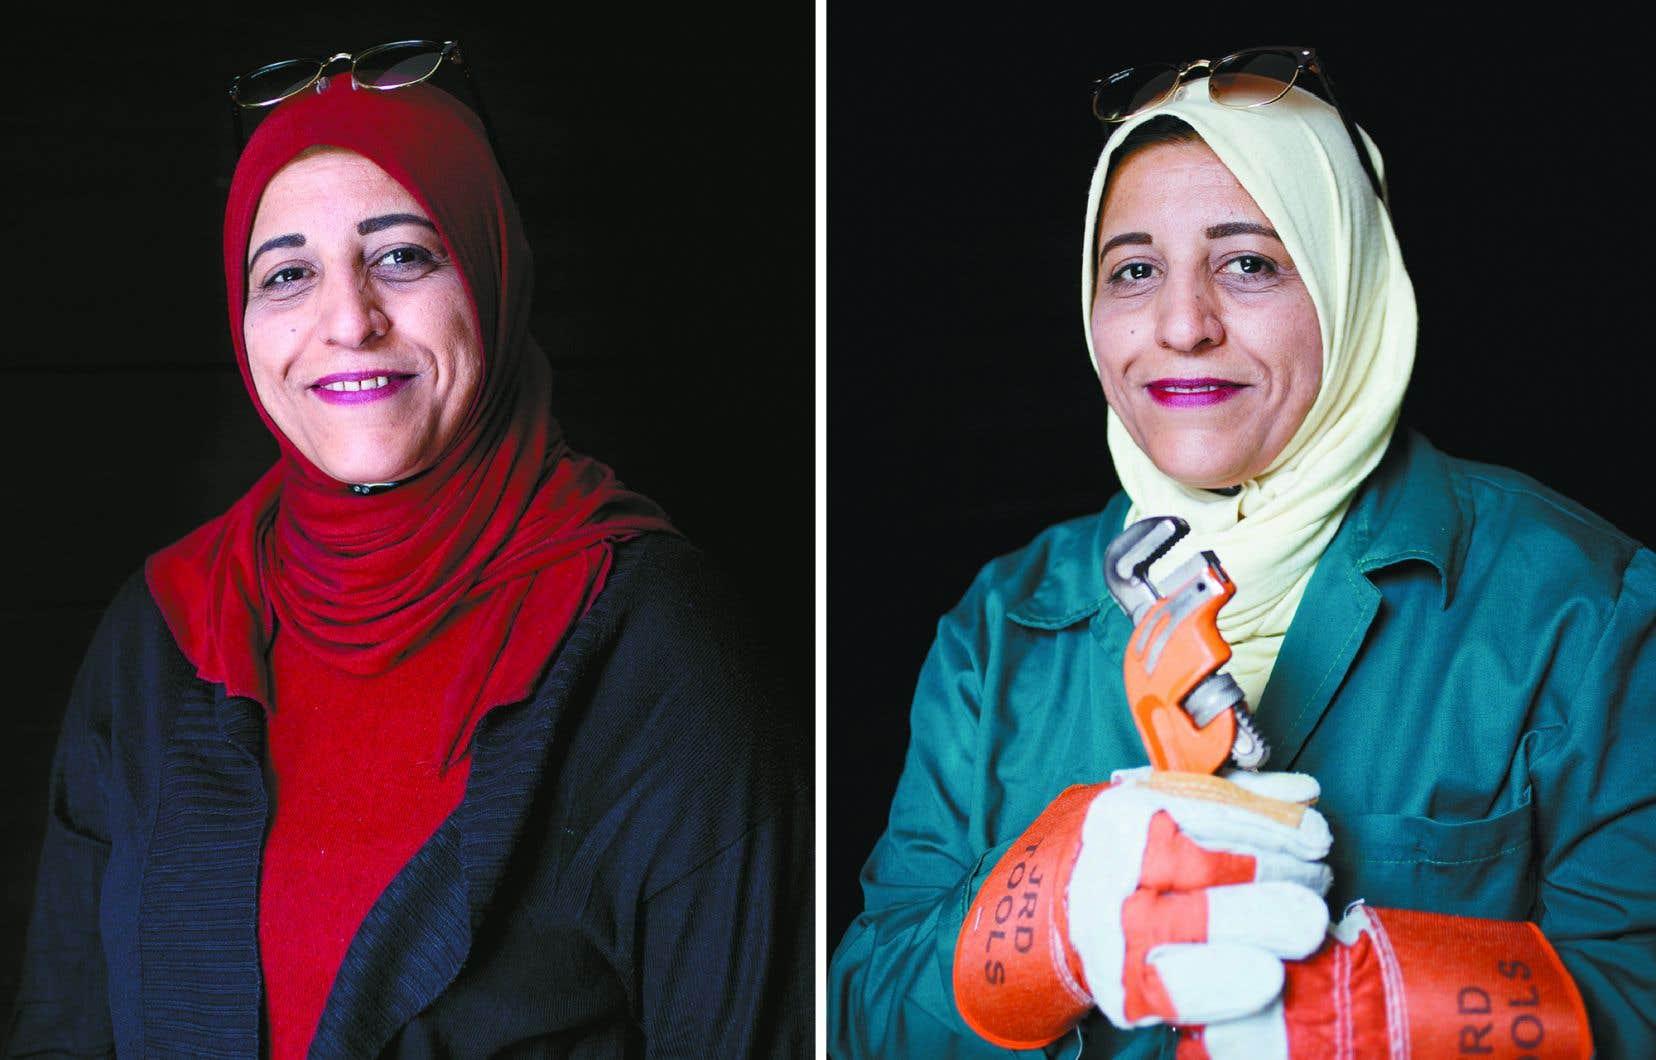 Mariam fait partie des participantes au projet AWANE. Habitante de Zarqa, en Jordanie, cette mère de trois enfants exerce la plomberie depuis six ans. Oxfam lui a apporté du soutien afin qu'elle puisse démarrer son entreprise et former d'autres femmes à la plomberie dans son quartier.